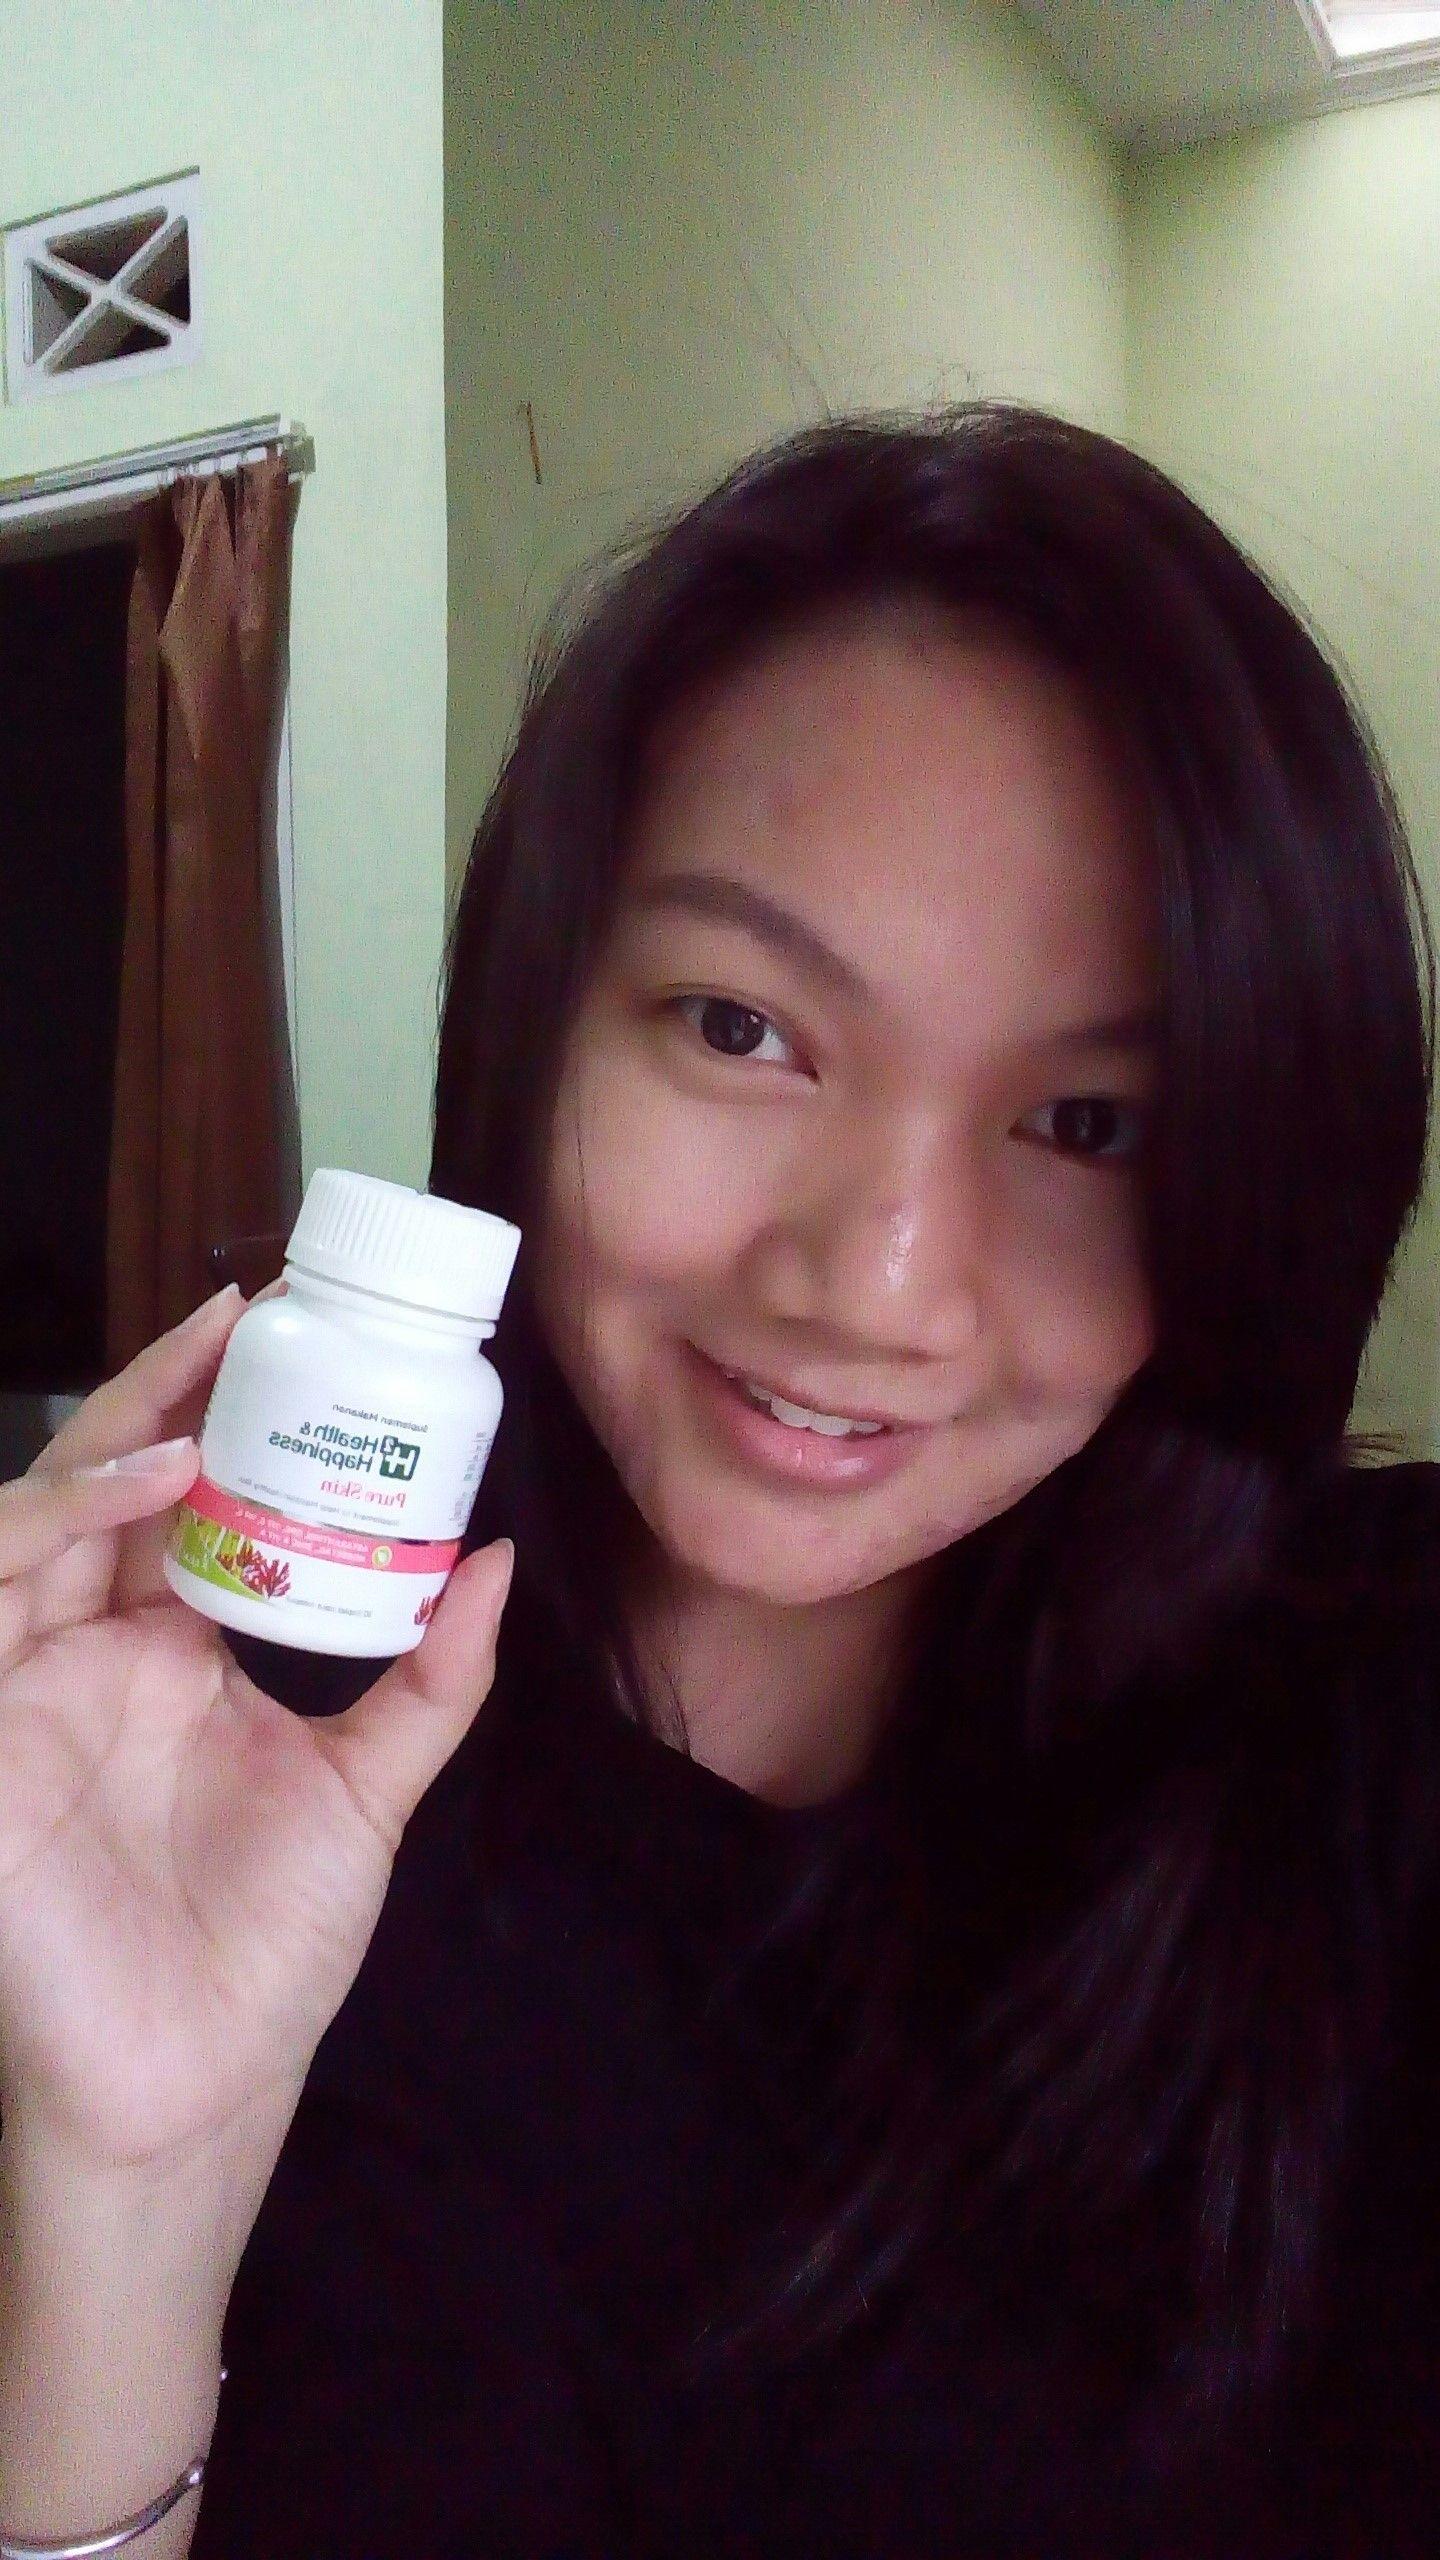 gambar review ke-1 untuk H2 Health & Happiness Pure Skin